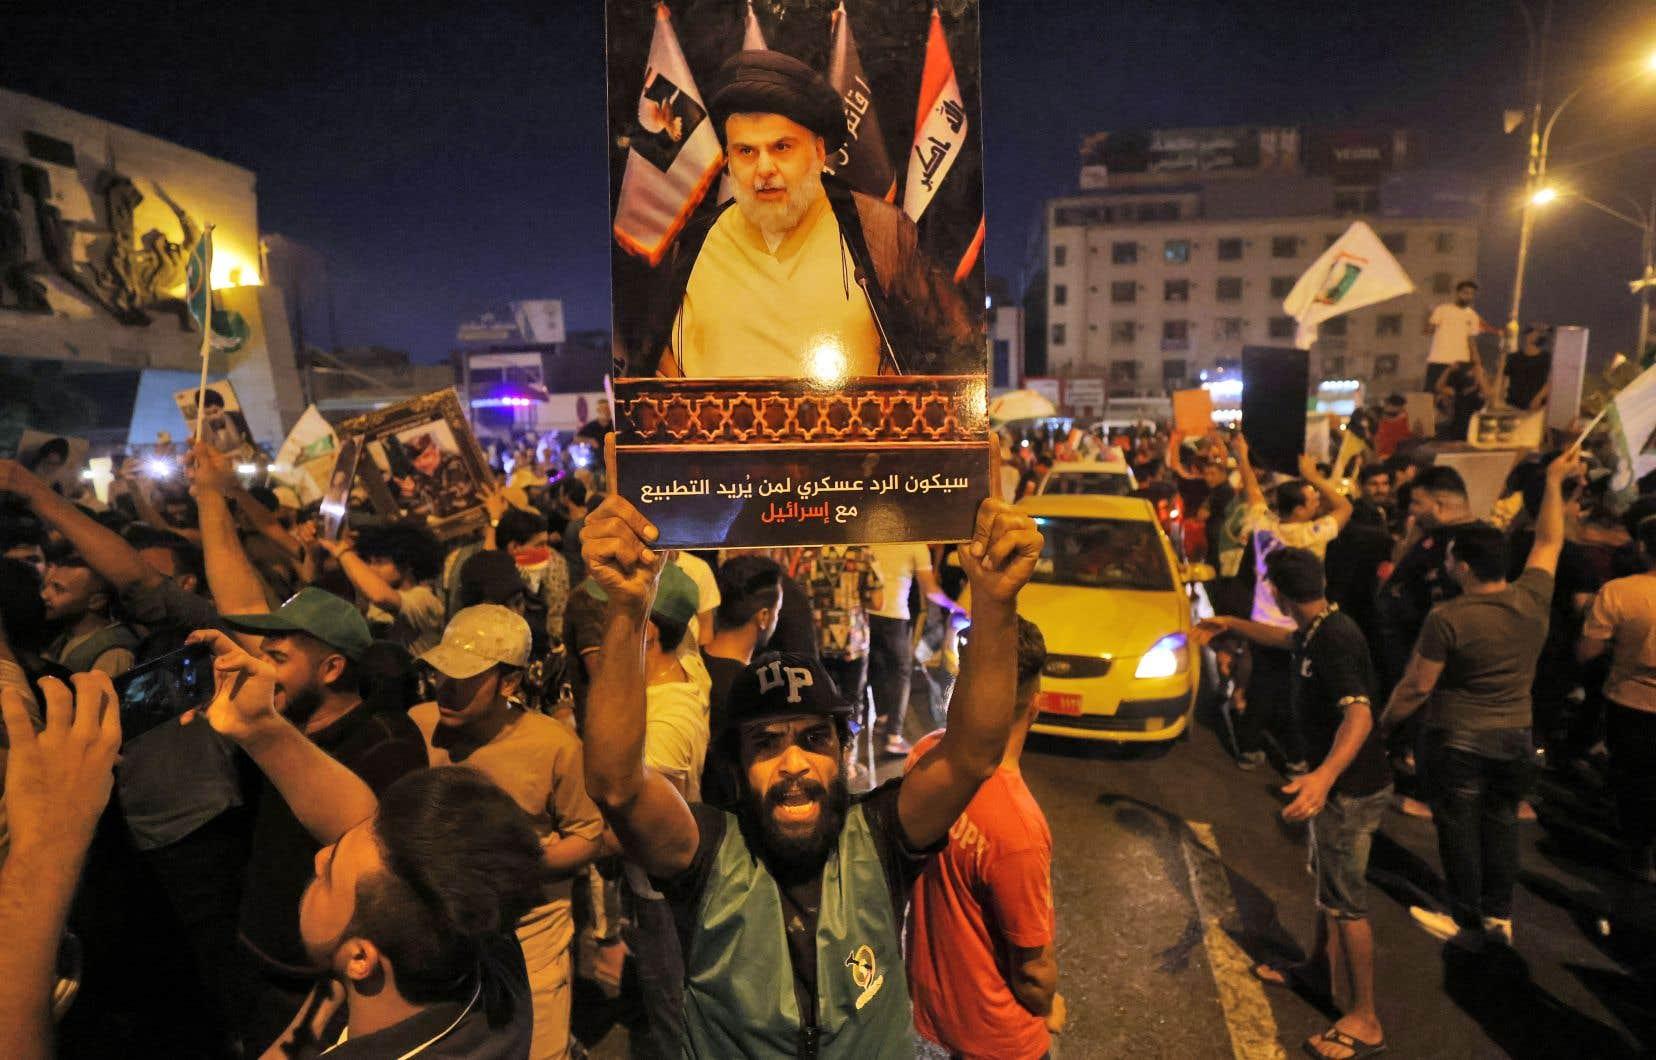 Sur la place Tahrir dans le centre de Bagdad, où se mêlaient klaxons, youyous et pétards de célébration, quelques centaines de sadristes se sont rassemblés, brandissant drapeaux irakiens, fanions du mouvement et portraits de leur leader, Moqtada al-Sadr.